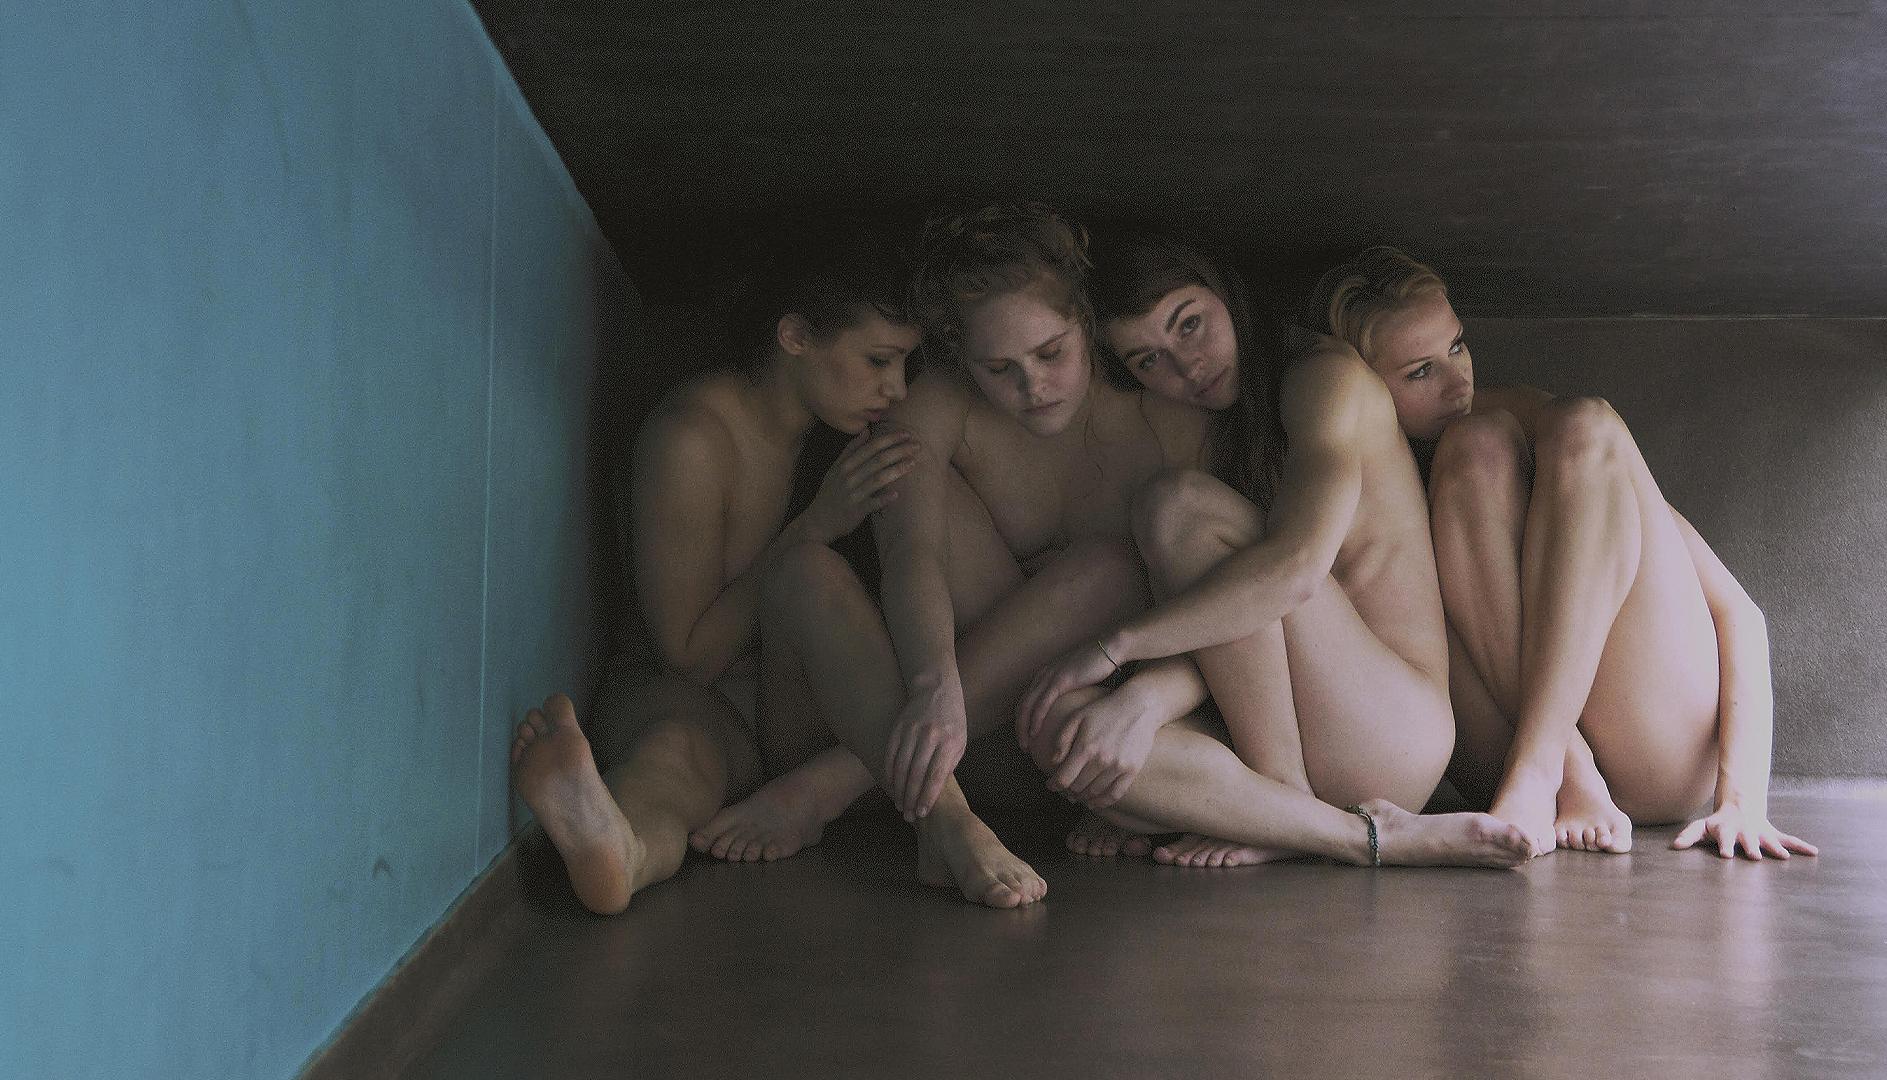 Photograph by Sarah Carpenter